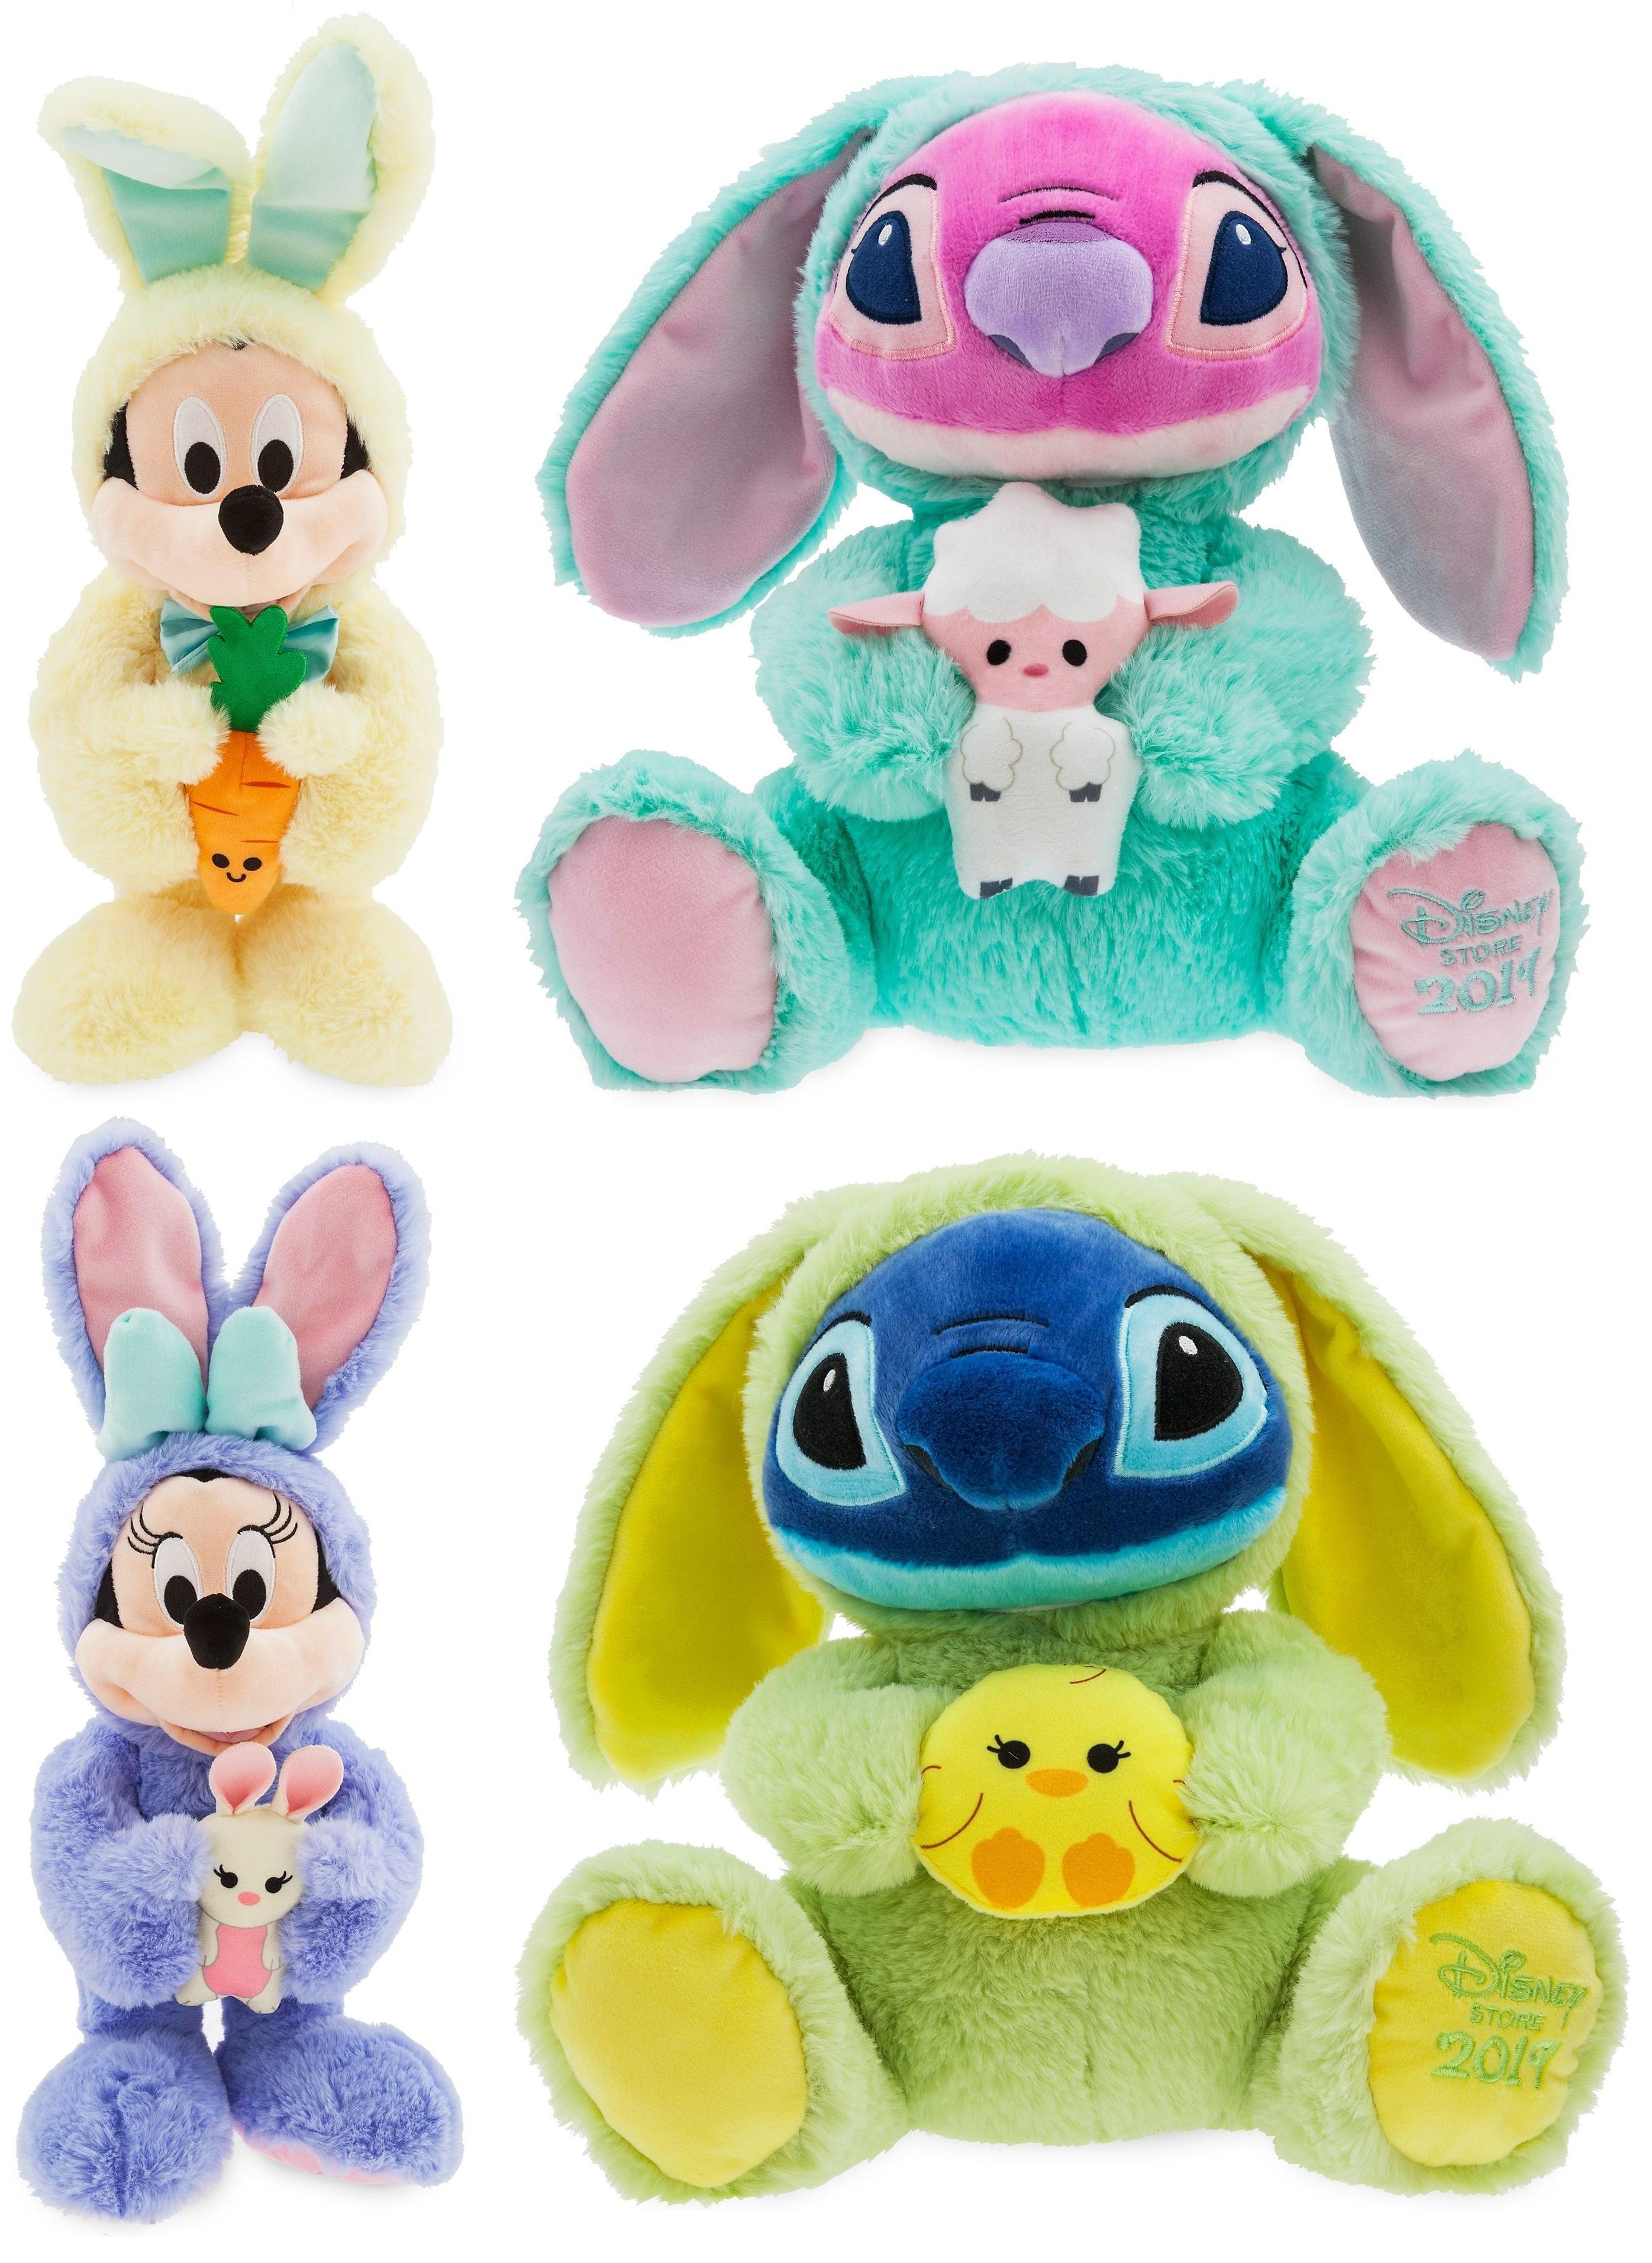 Peluches Disney de Pâques